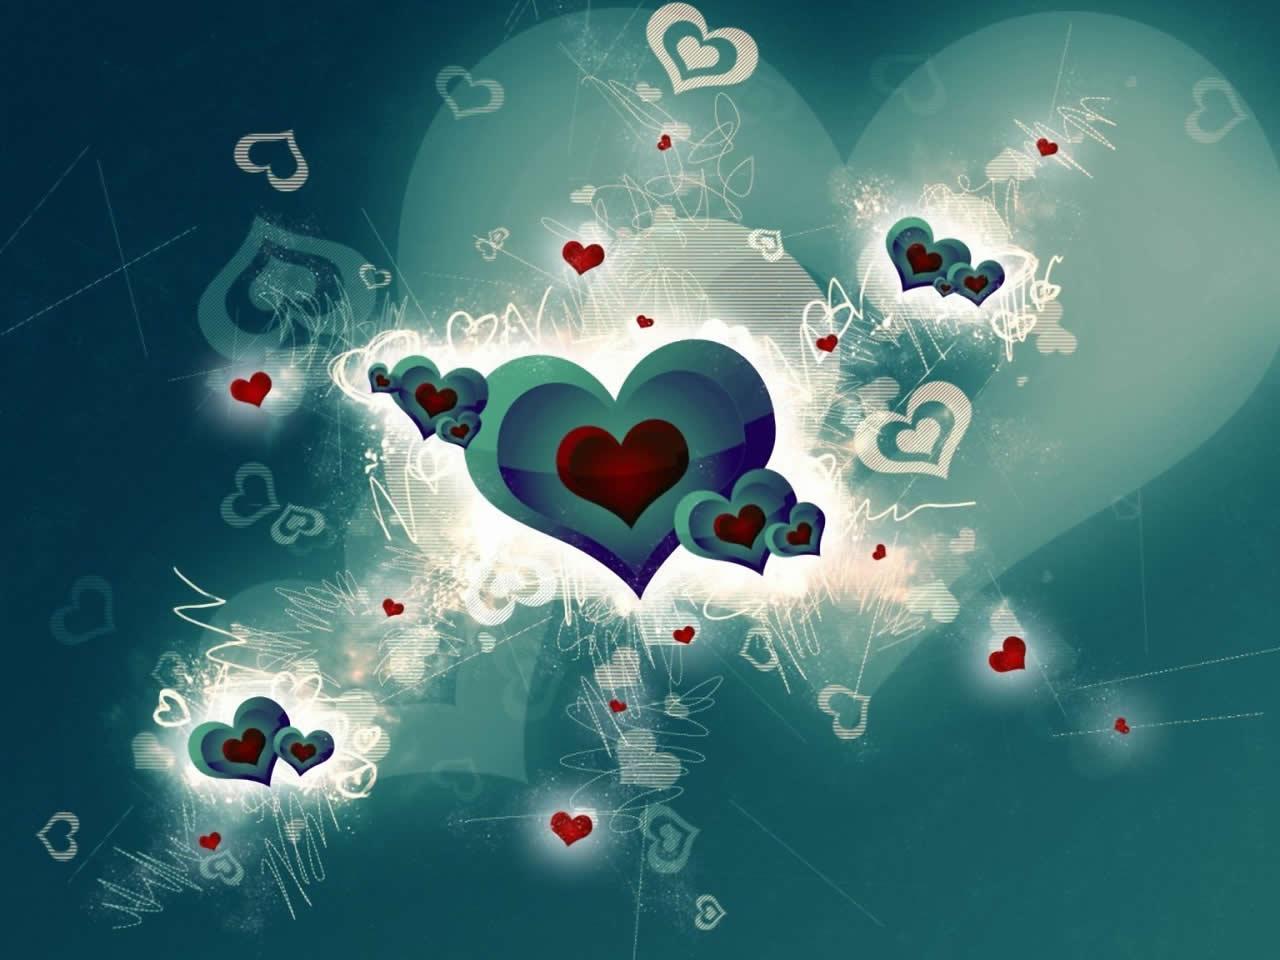 Poemas de amor, para conquistar y enamorar con poemas